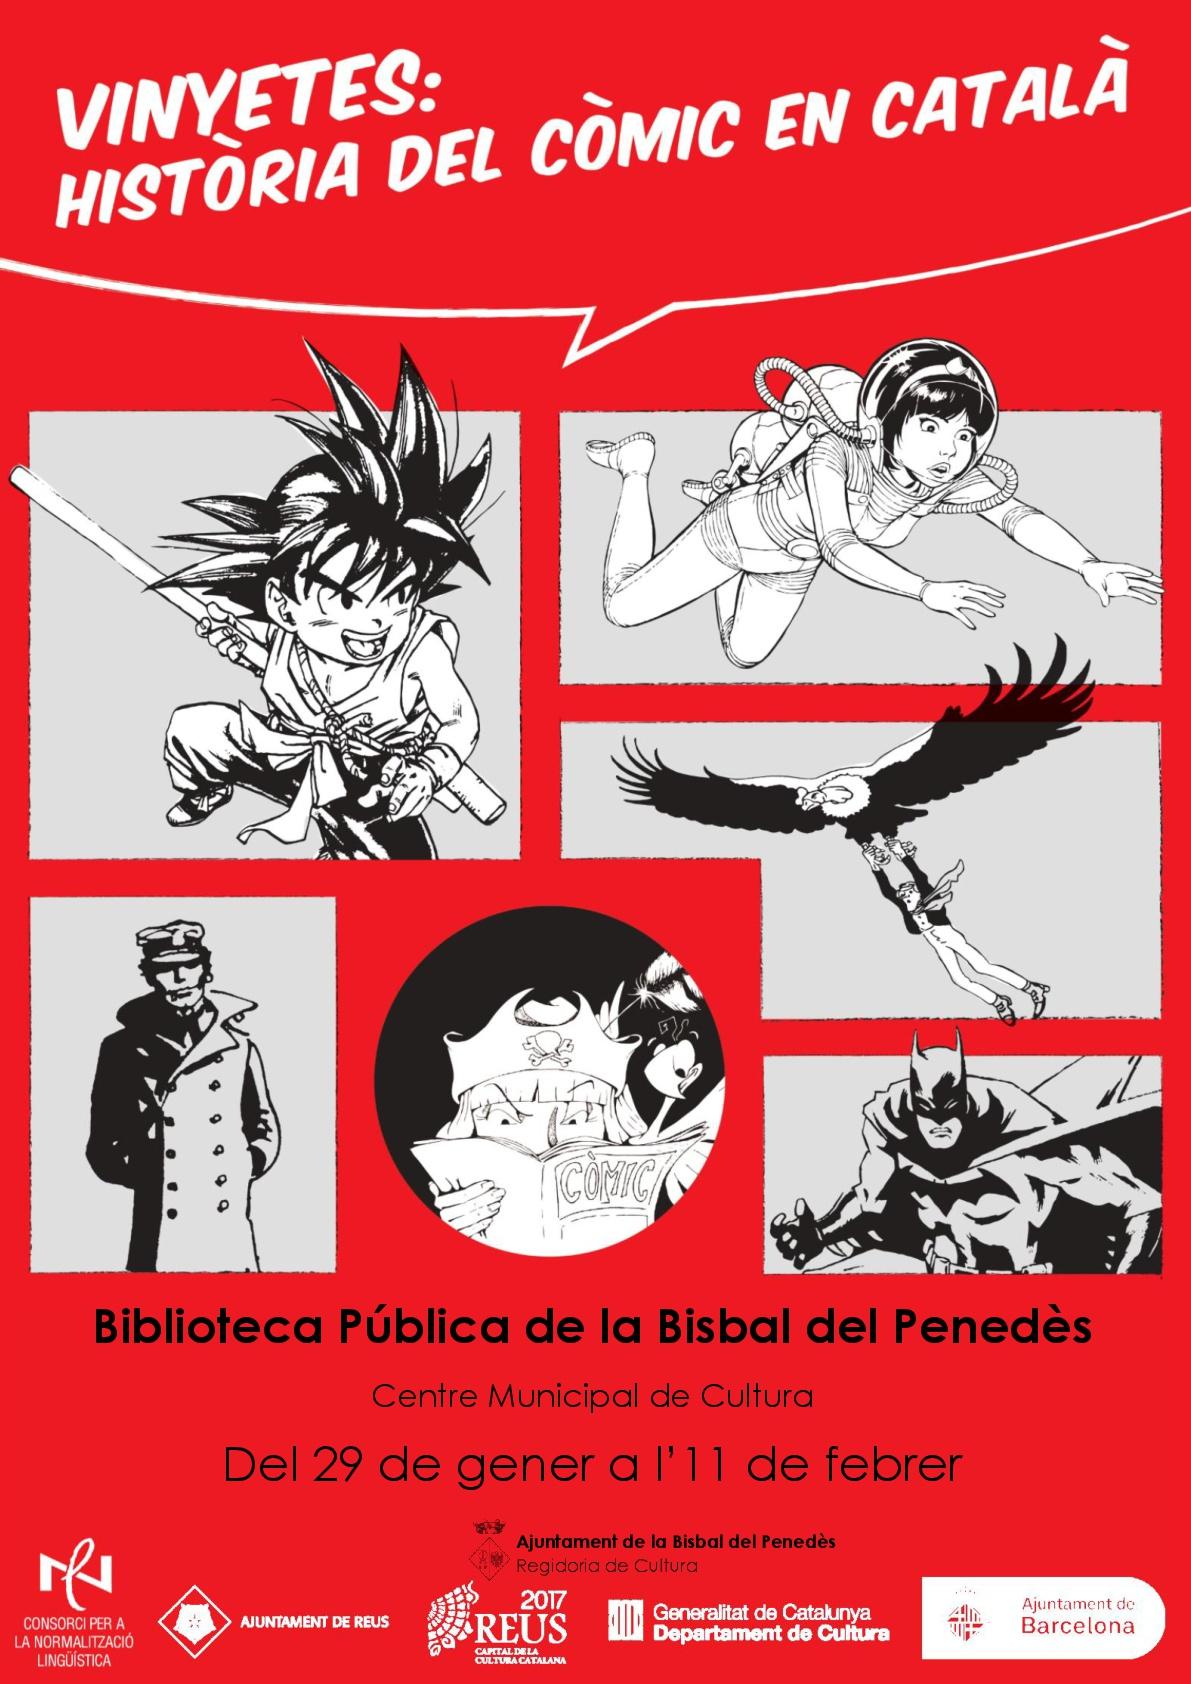 La Biblioteca pública de la Bisbal acollirà una exposició sobre el còmic a partir del dimarts 29 de gener